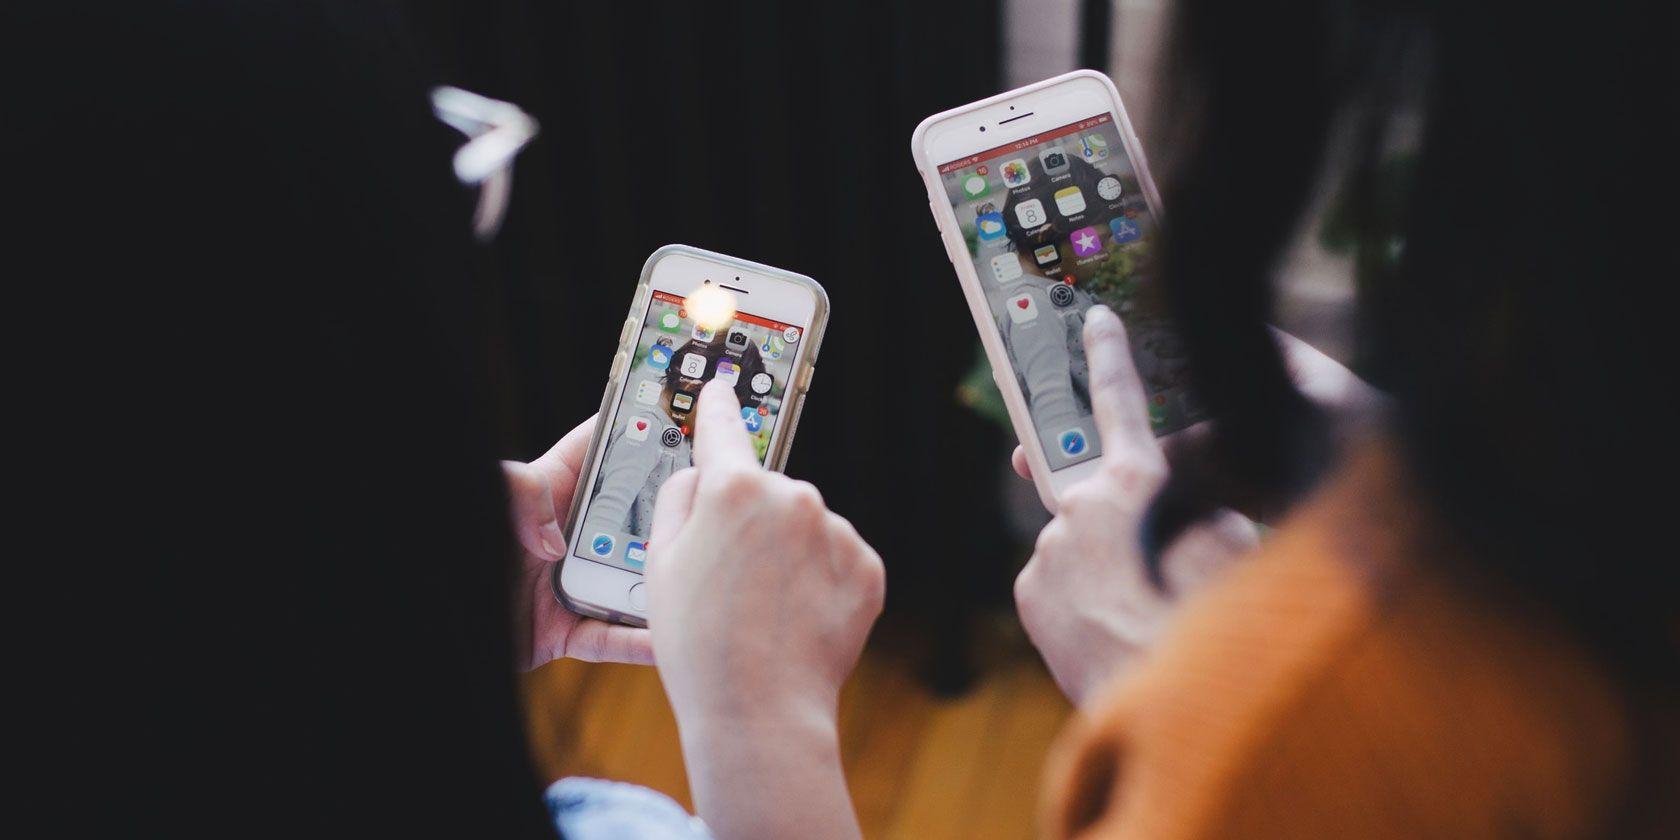 جعبه ابزار: ۵ اپ برتر اشتراکگذاری صفحه نمایش برای اندروید و iOS